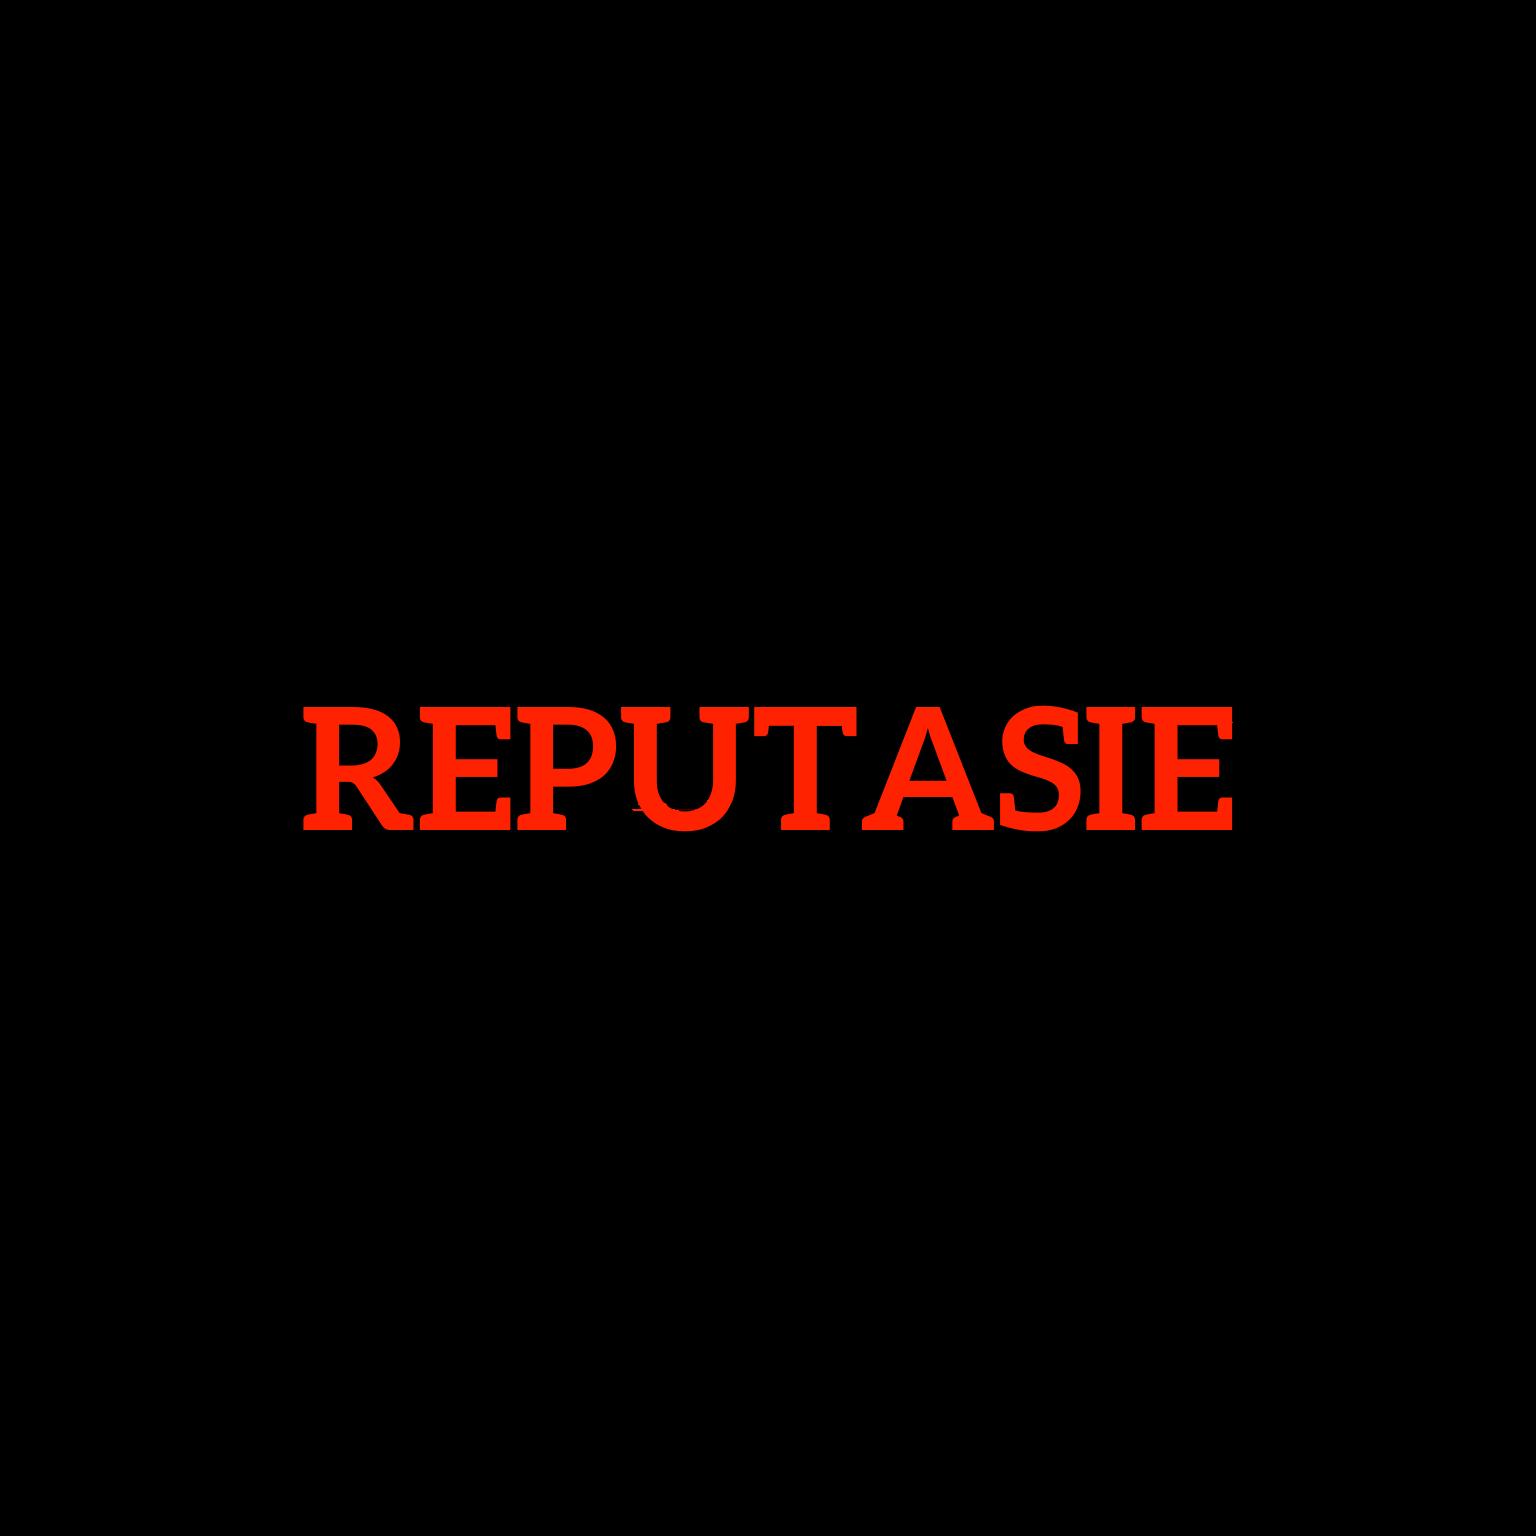 Reputasie Logo